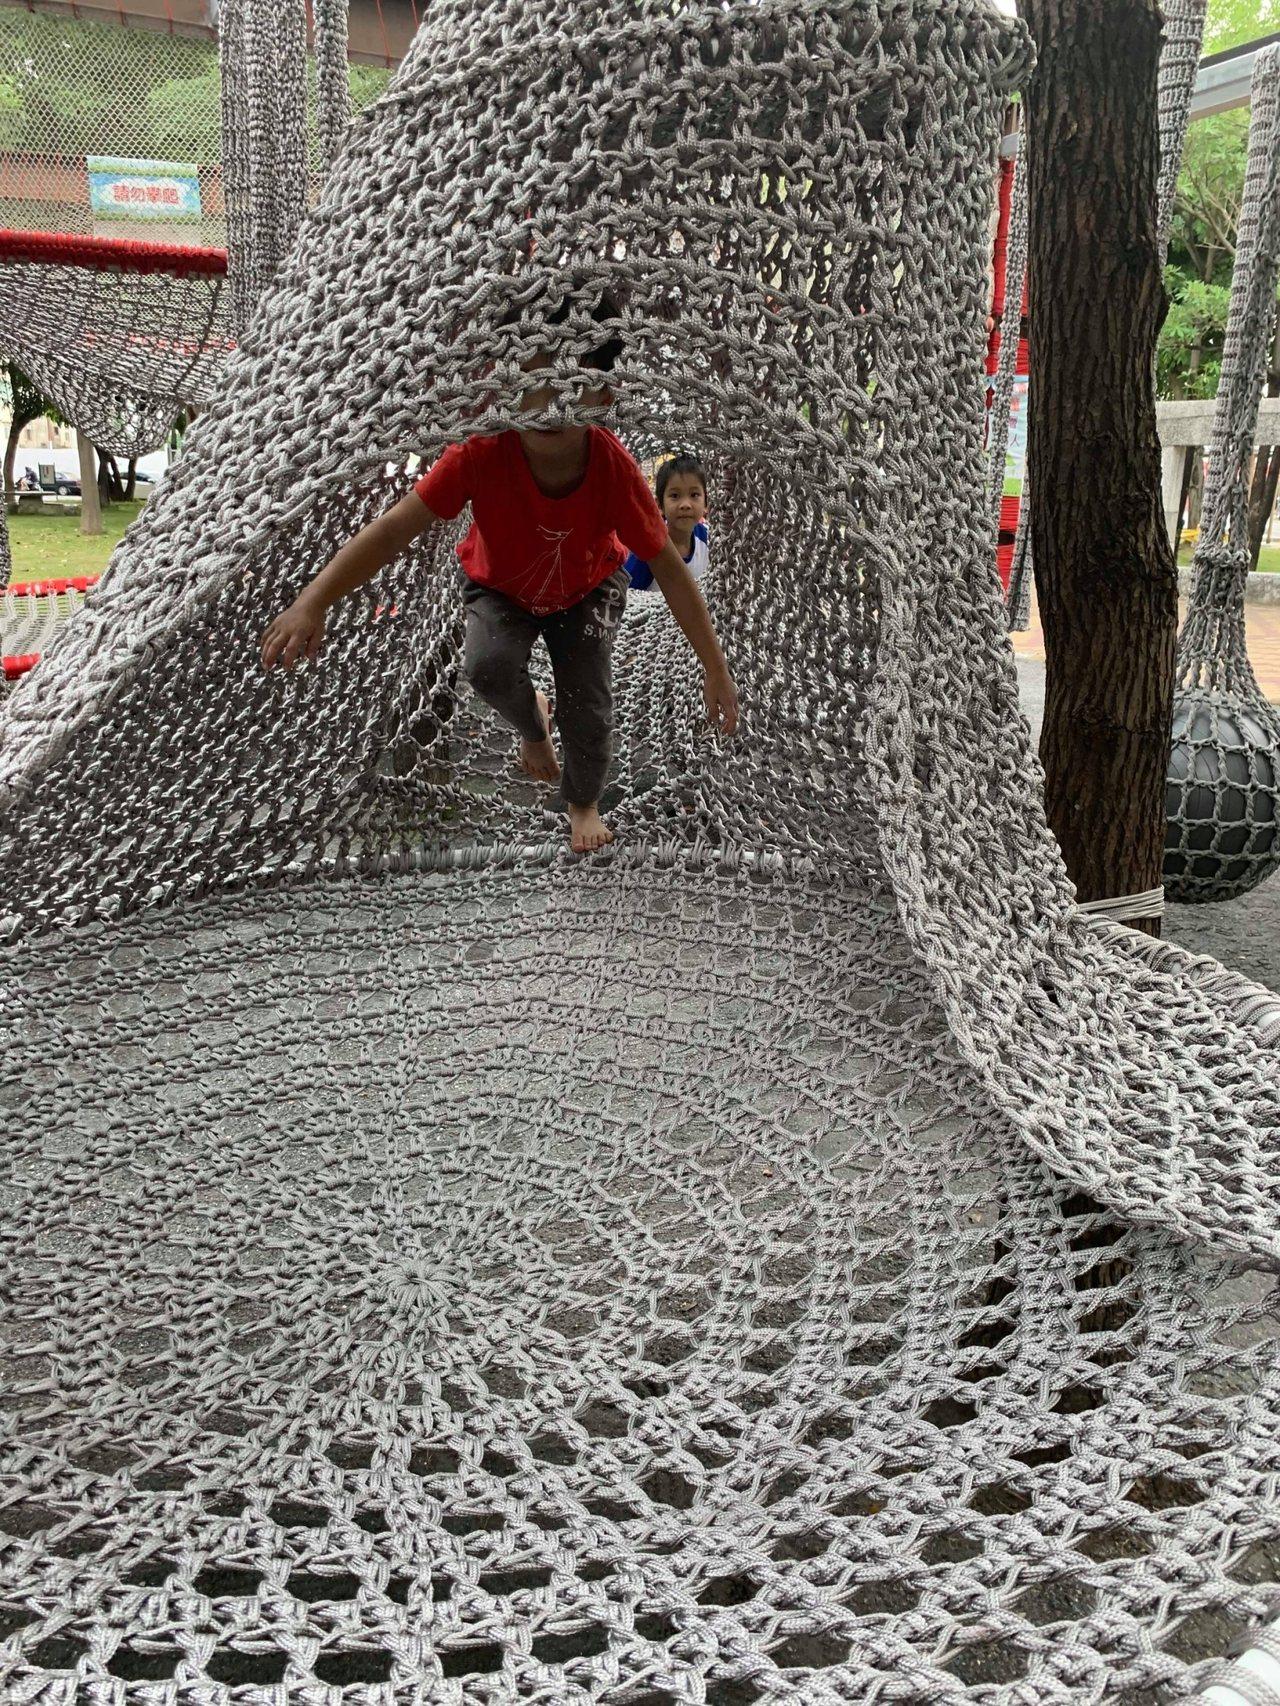 台南市北區立德公園新設置攀爬網,小朋友開心玩樂。圖/台南市北區區公所